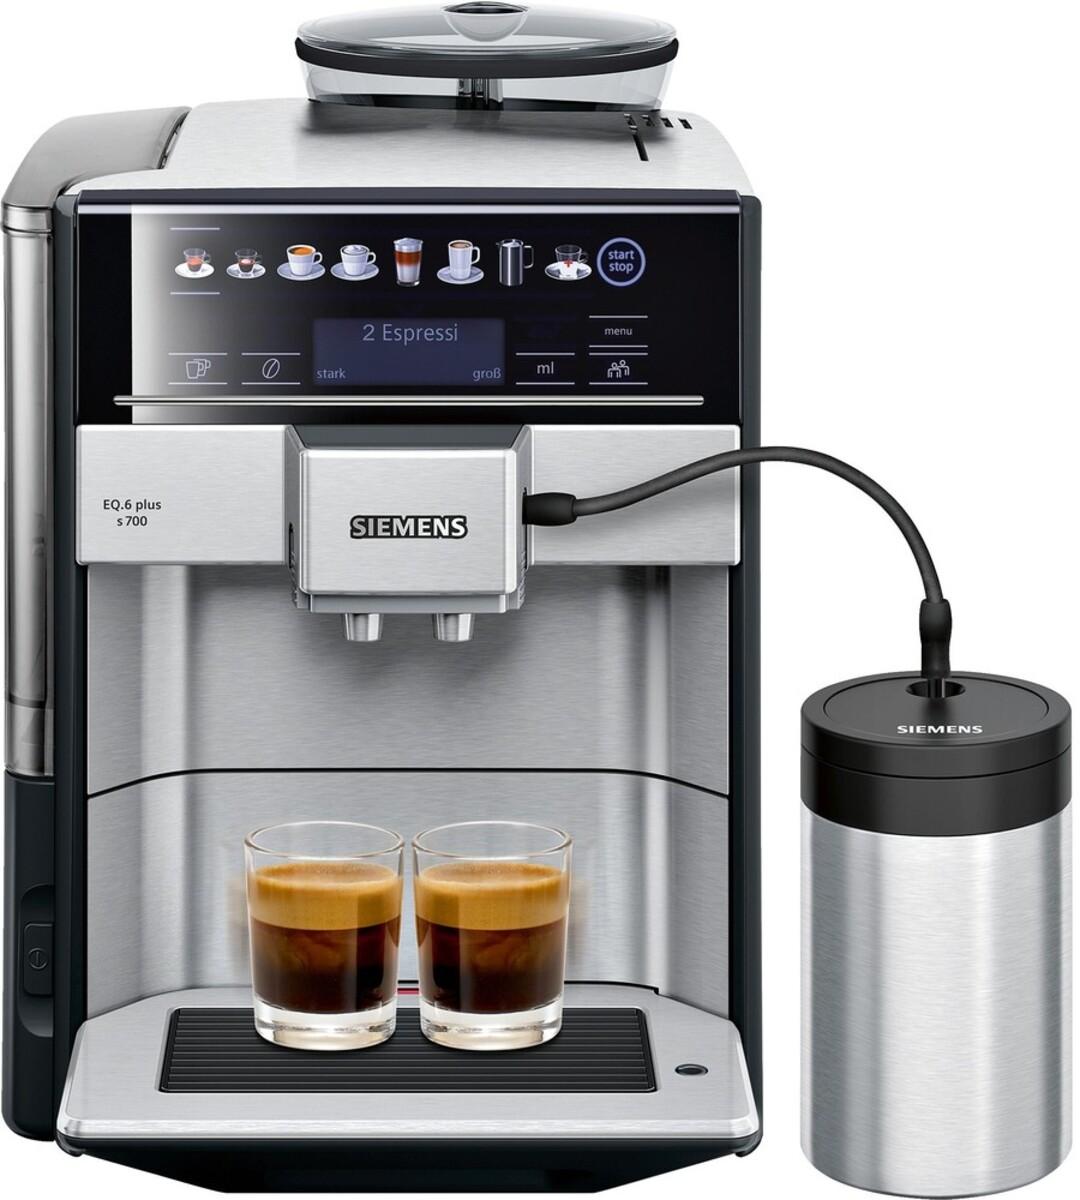 Bild 1 von SIEMENS EQ.6 plus s700 TE657M03DE Edelstahl, schwarz Kaffeevollautomat (coffeeSelect Display, autoMilk Clean, oneTouch DoubleCup, beleuchtetes Tassenpodest, iAroma System)